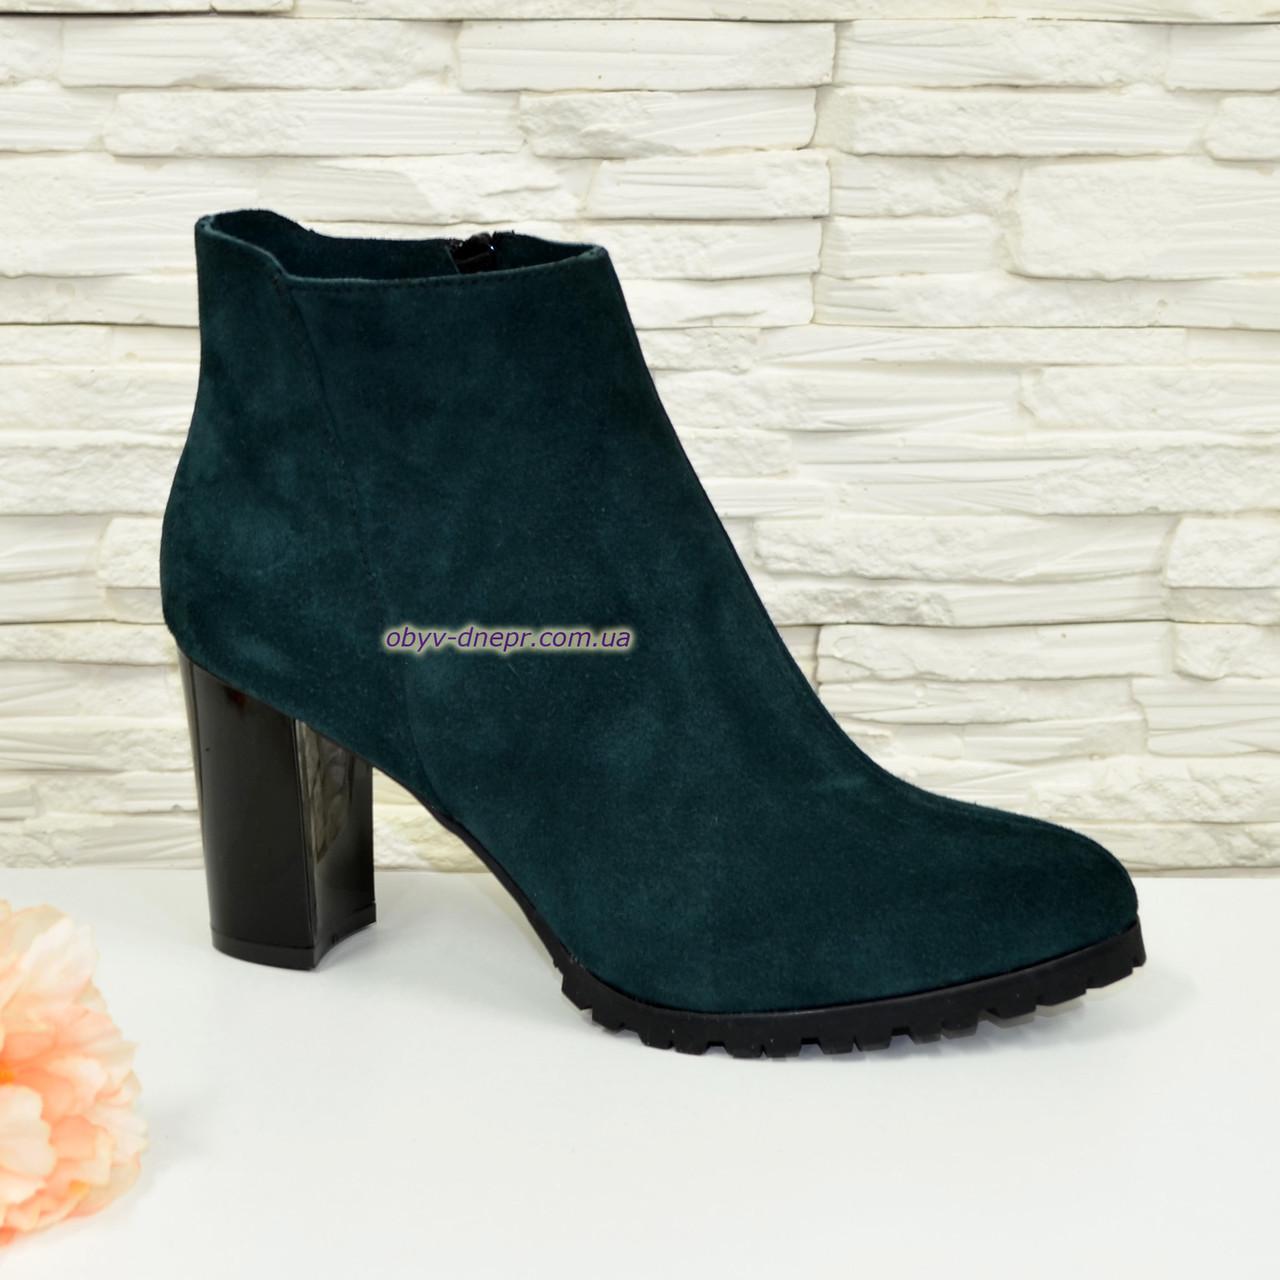 Ботинки женские зимние замшевые на устойчивом каблуке, цвет зеленый